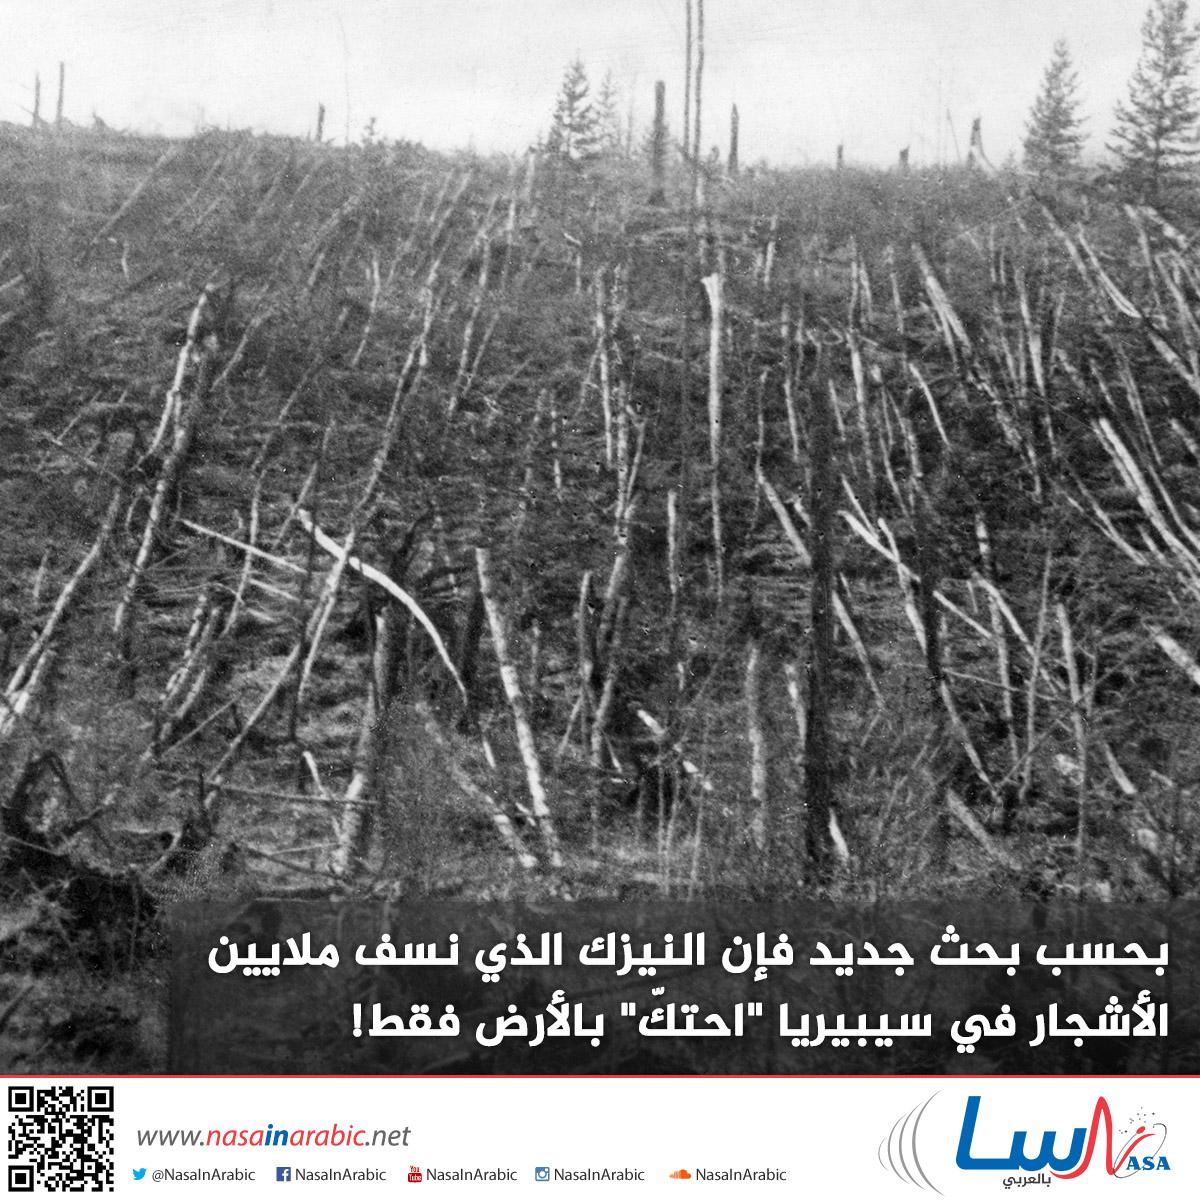 بحسب بحث جديد فإن النيزك الذي نسف ملايين الأشجار في سيبيريا قد